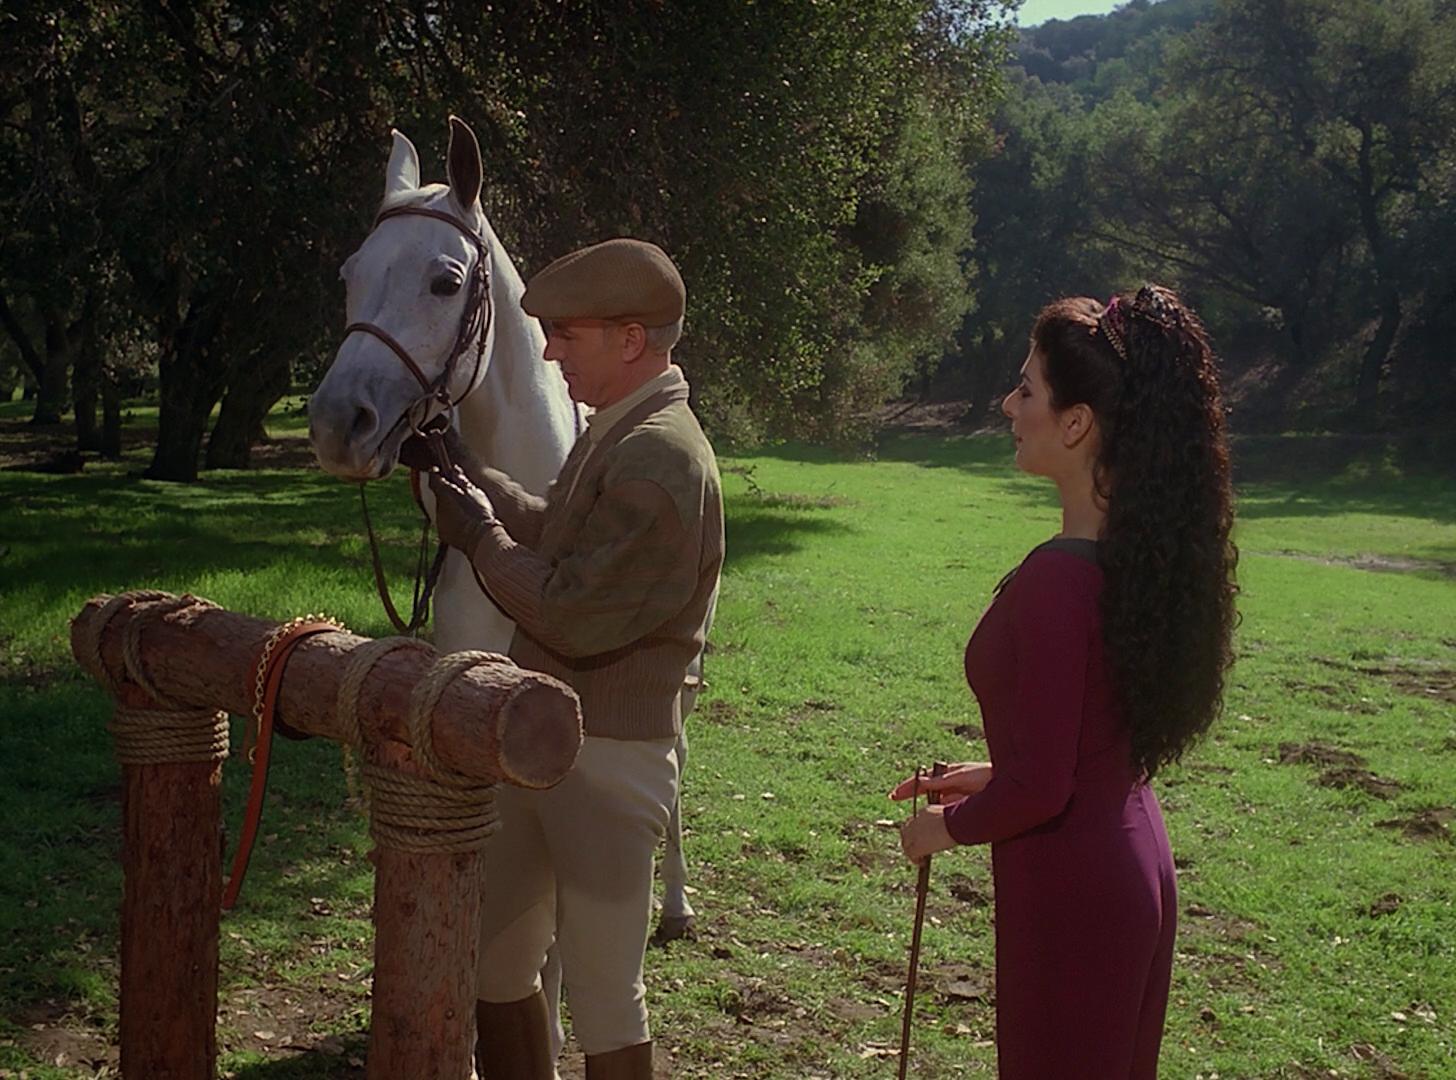 Equestrian Adventure